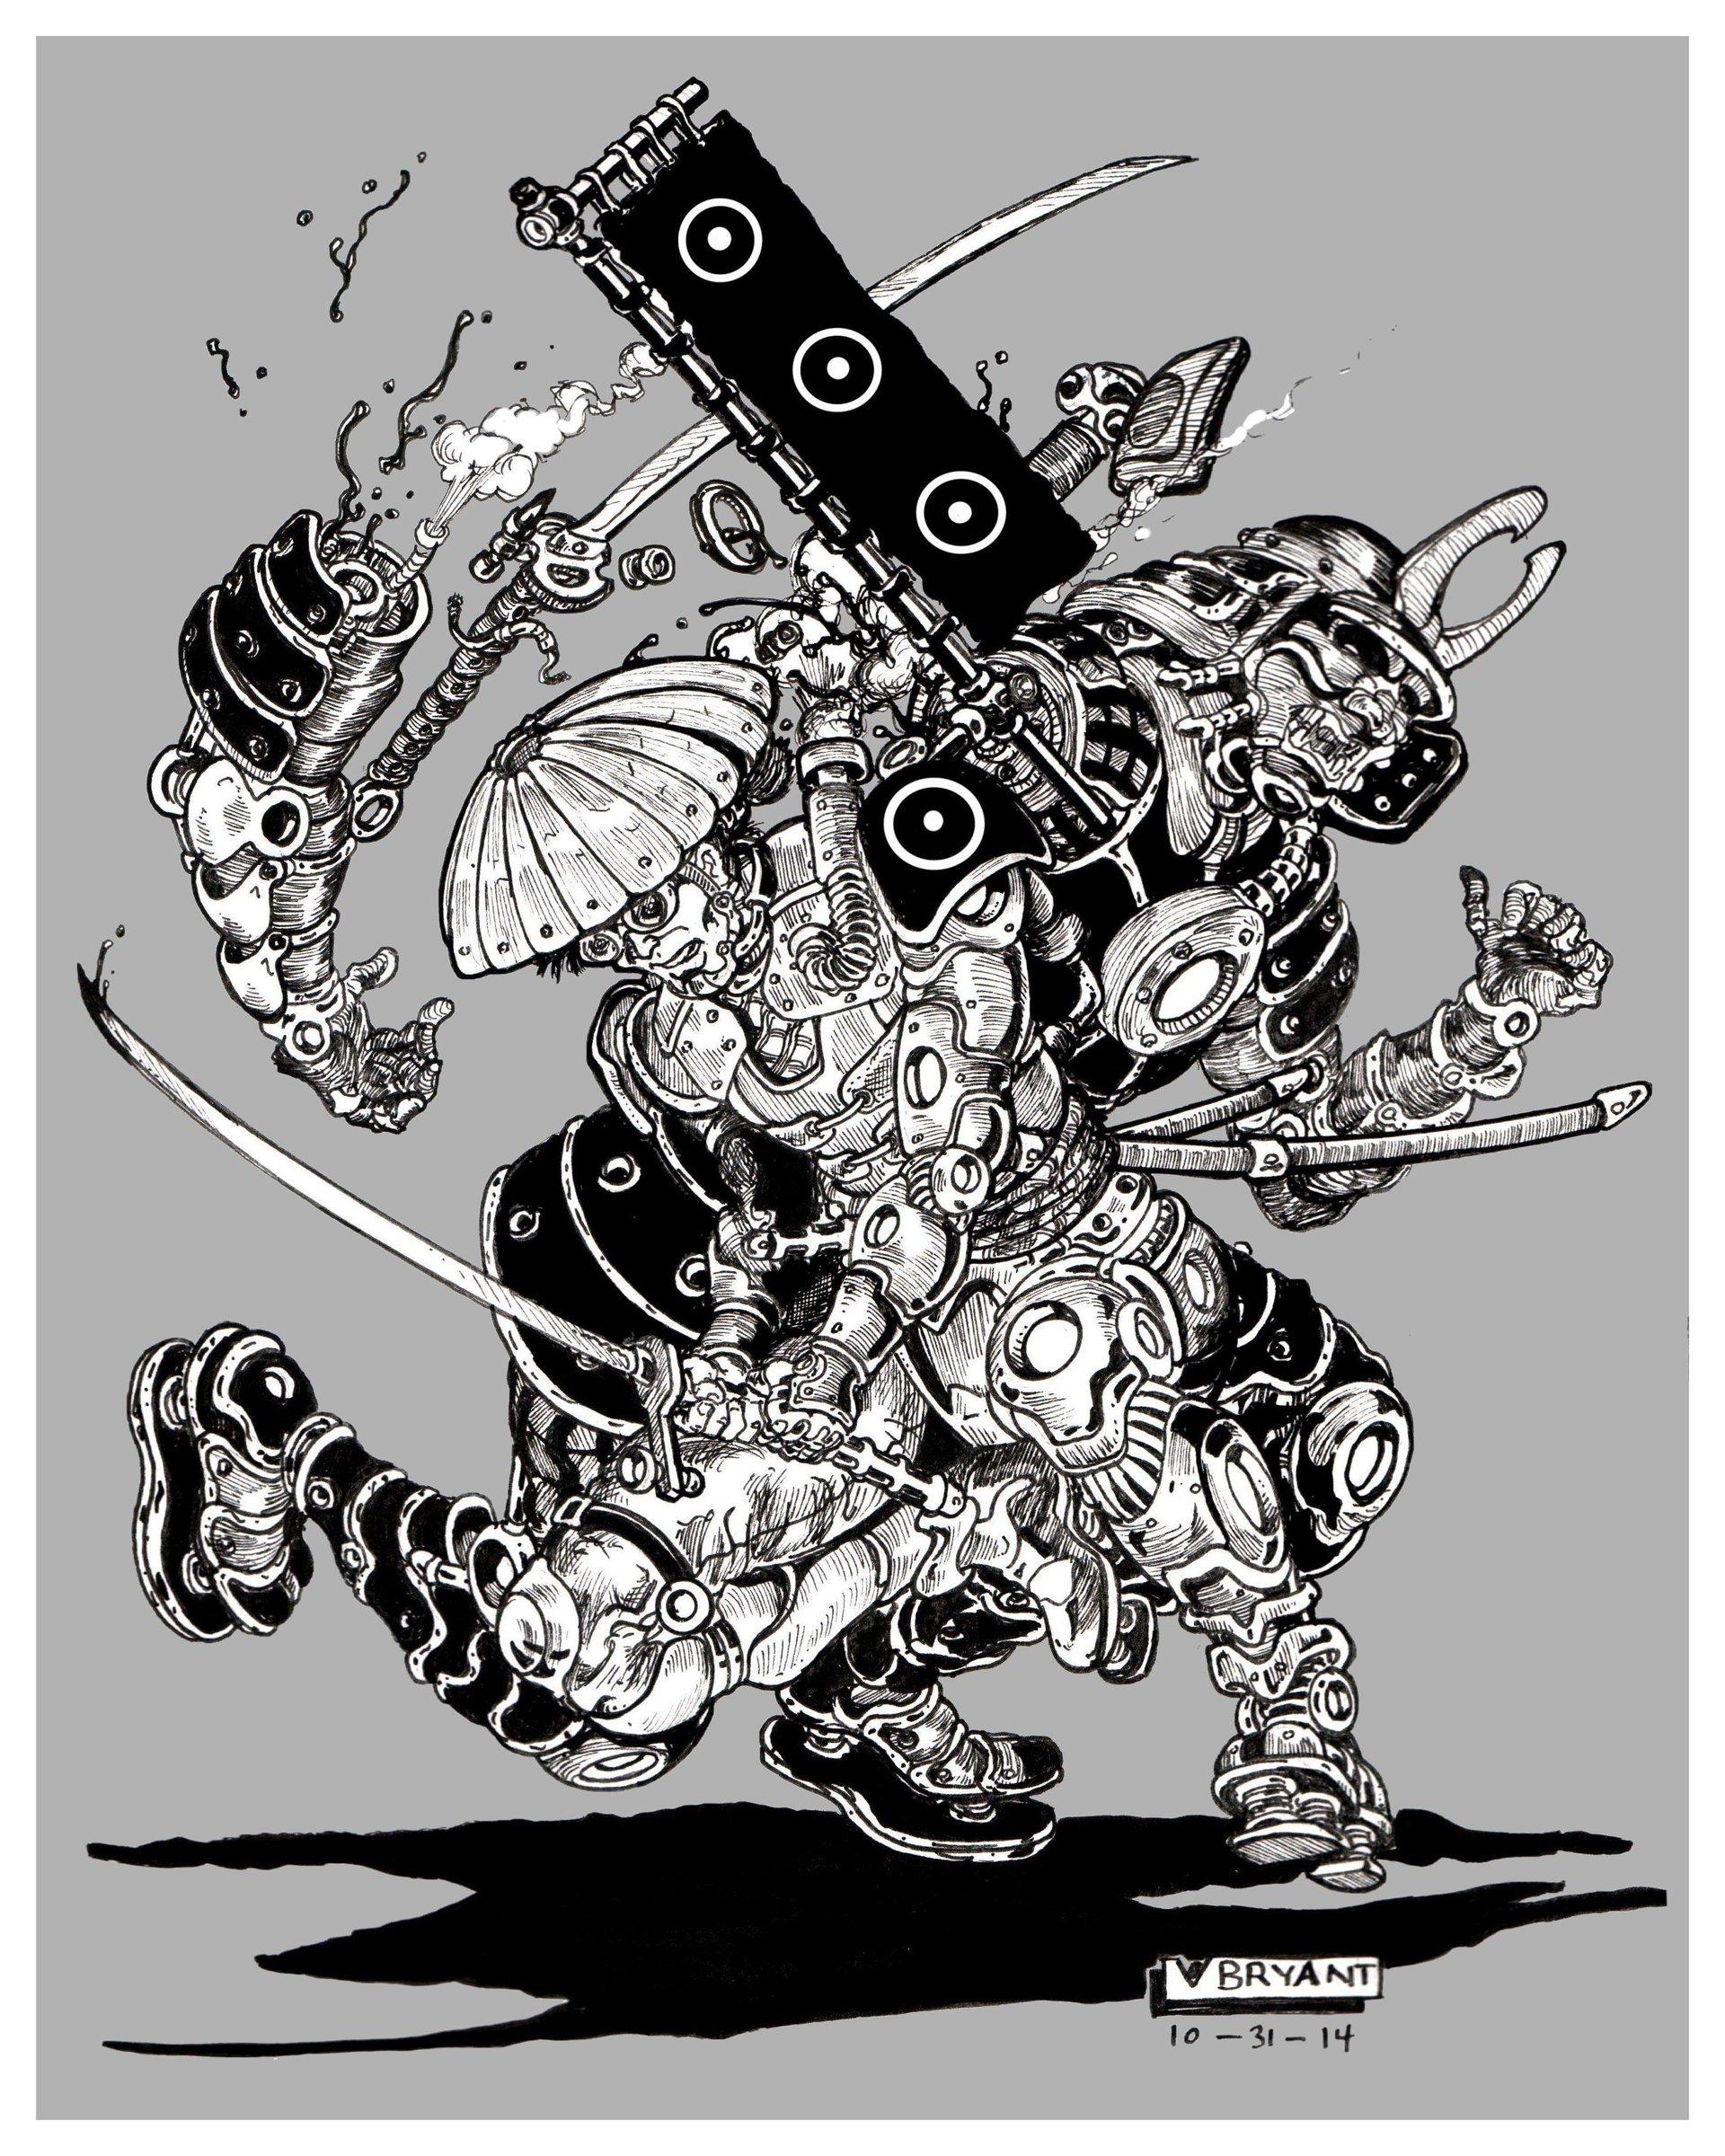 Vincent bryant duel